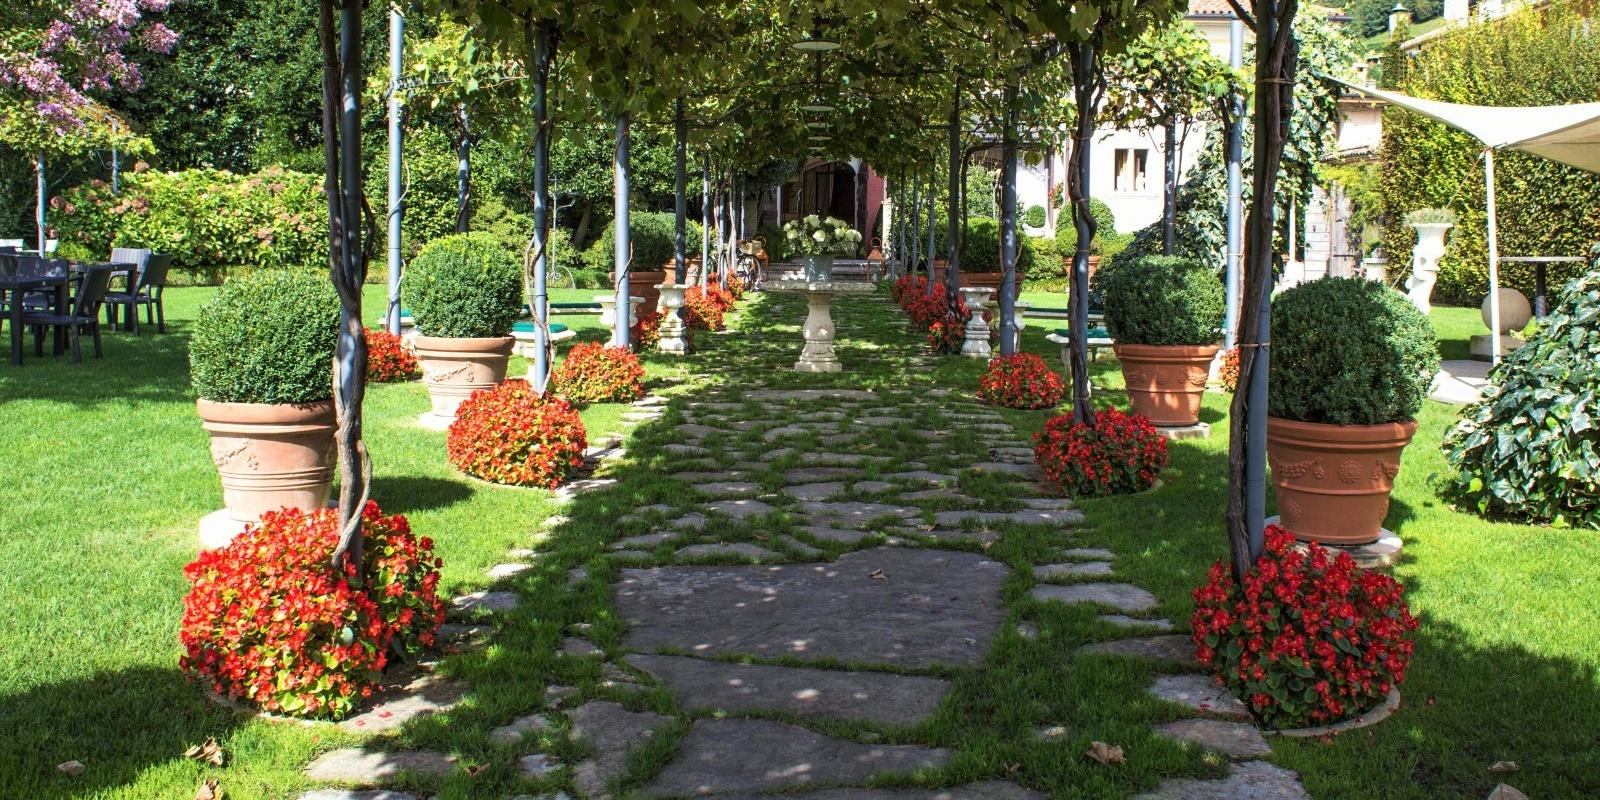 Top ristoranti con un giardino da favola a Treviso e provincia NU12